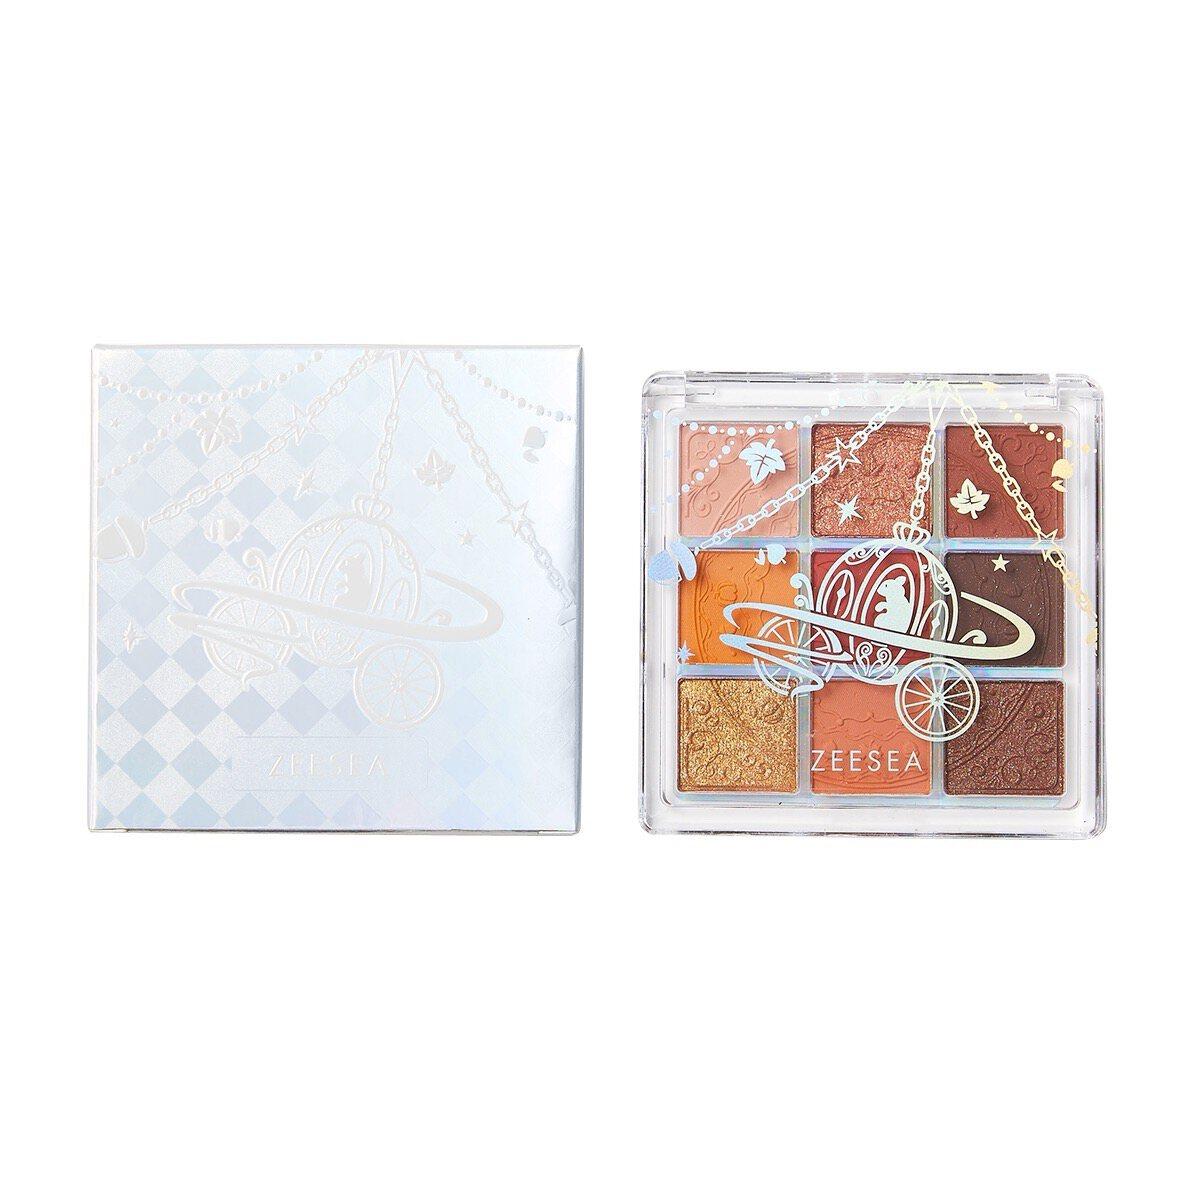 ZEESEA(ズーシー)『クォーツ 9色アイシャドウパレット J13 ハチミツパンプキン』の使用感をレポに関する画像17